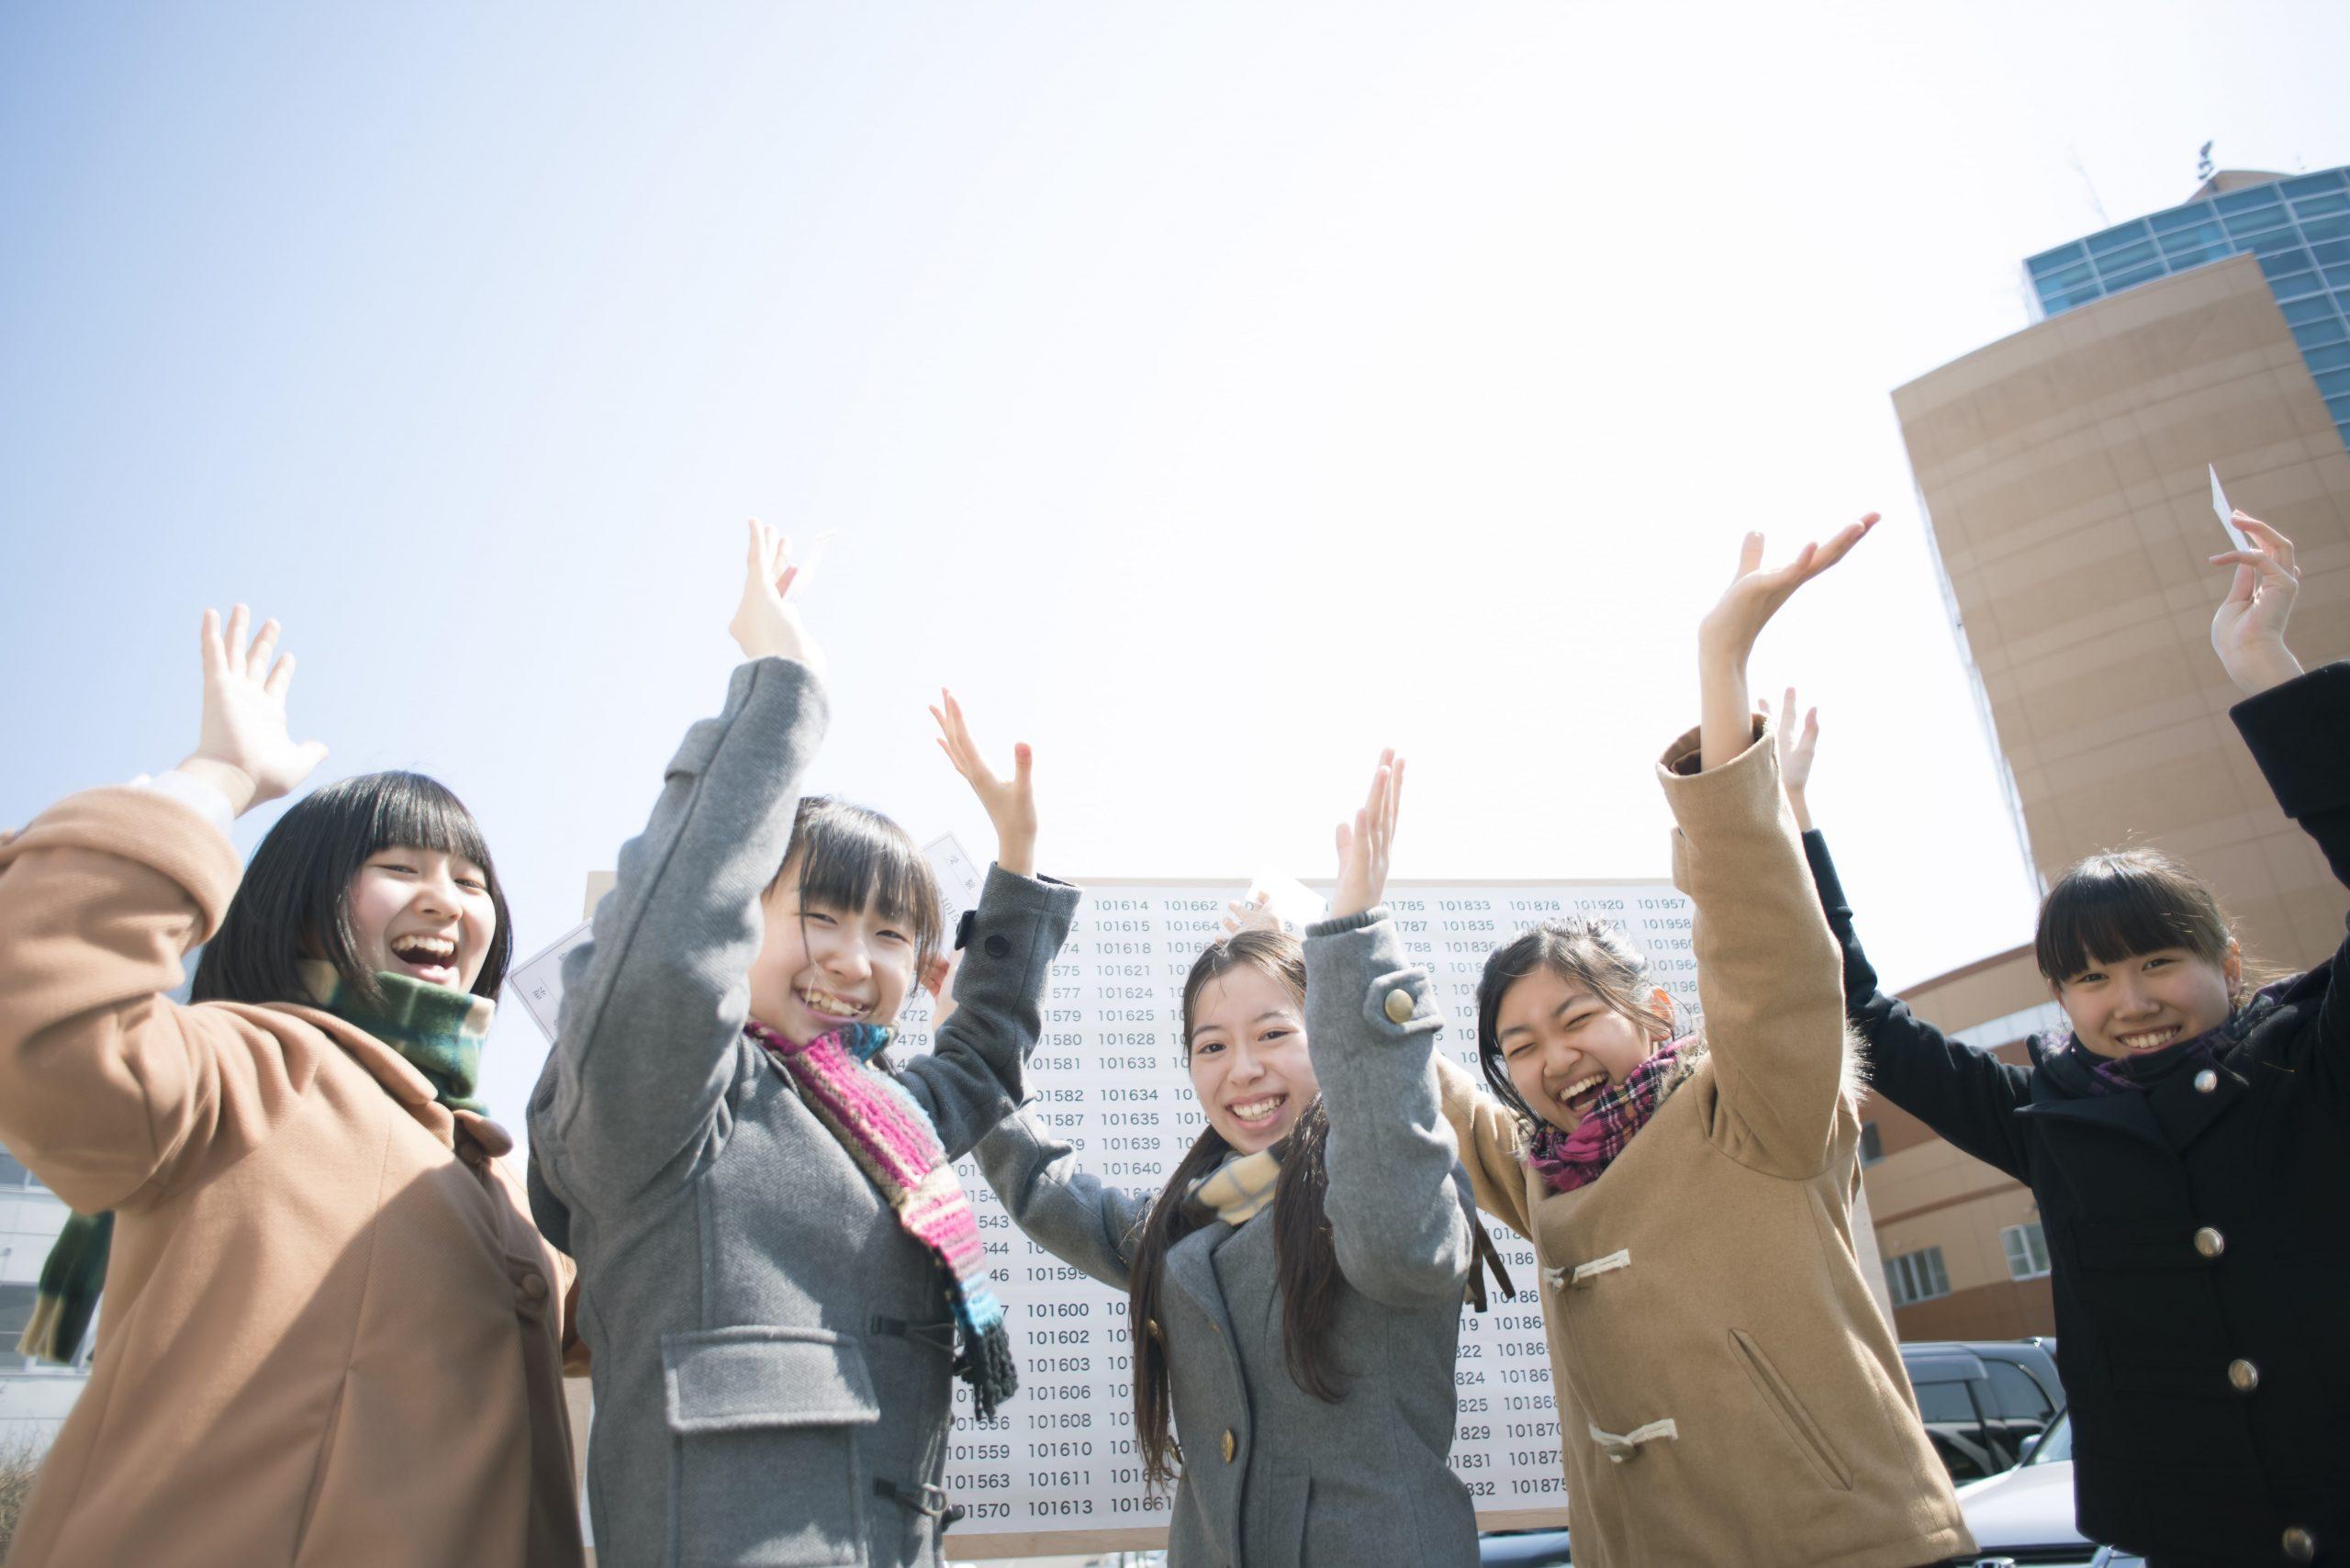 高校のテストで8点だった私でも早稲田に受かった!